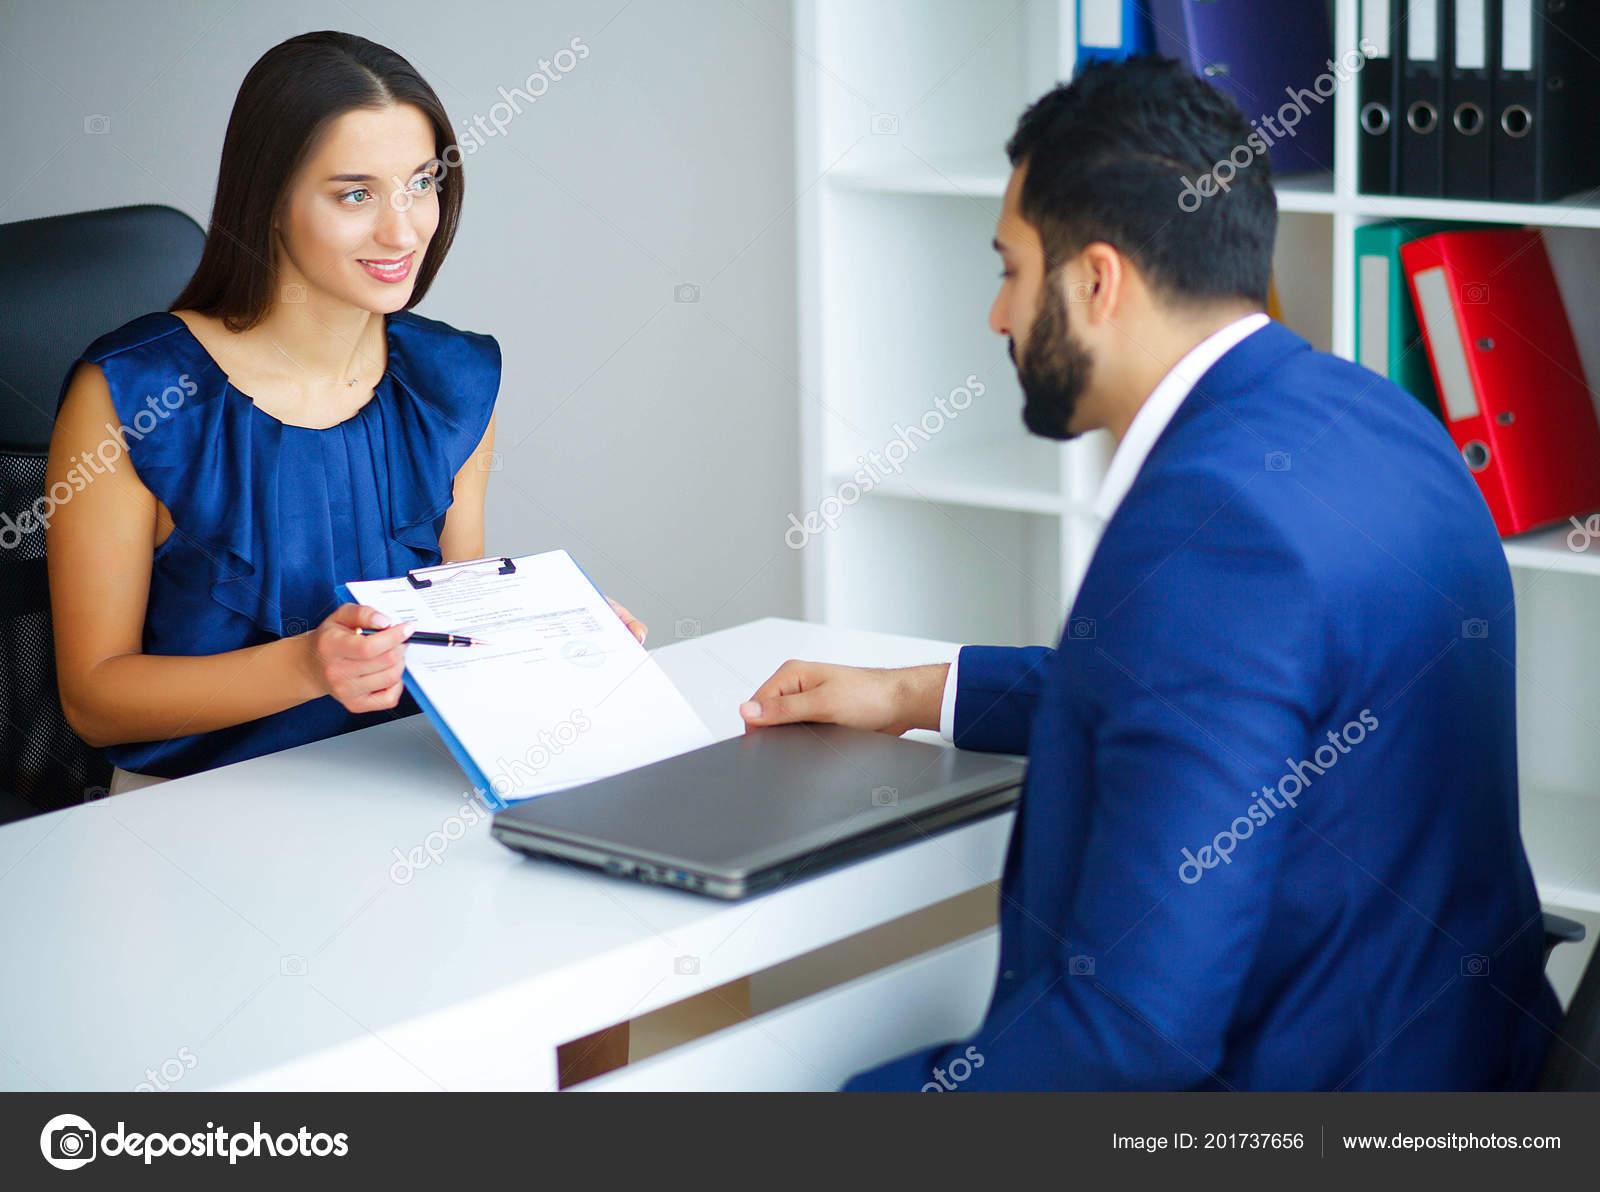 1f221ae11d9f Бизнес. Деловая женщина и бизнес переговоров человек офисе света, сидя за  столом. Женщина, одетая в синяя блуза и юбка бежевого.